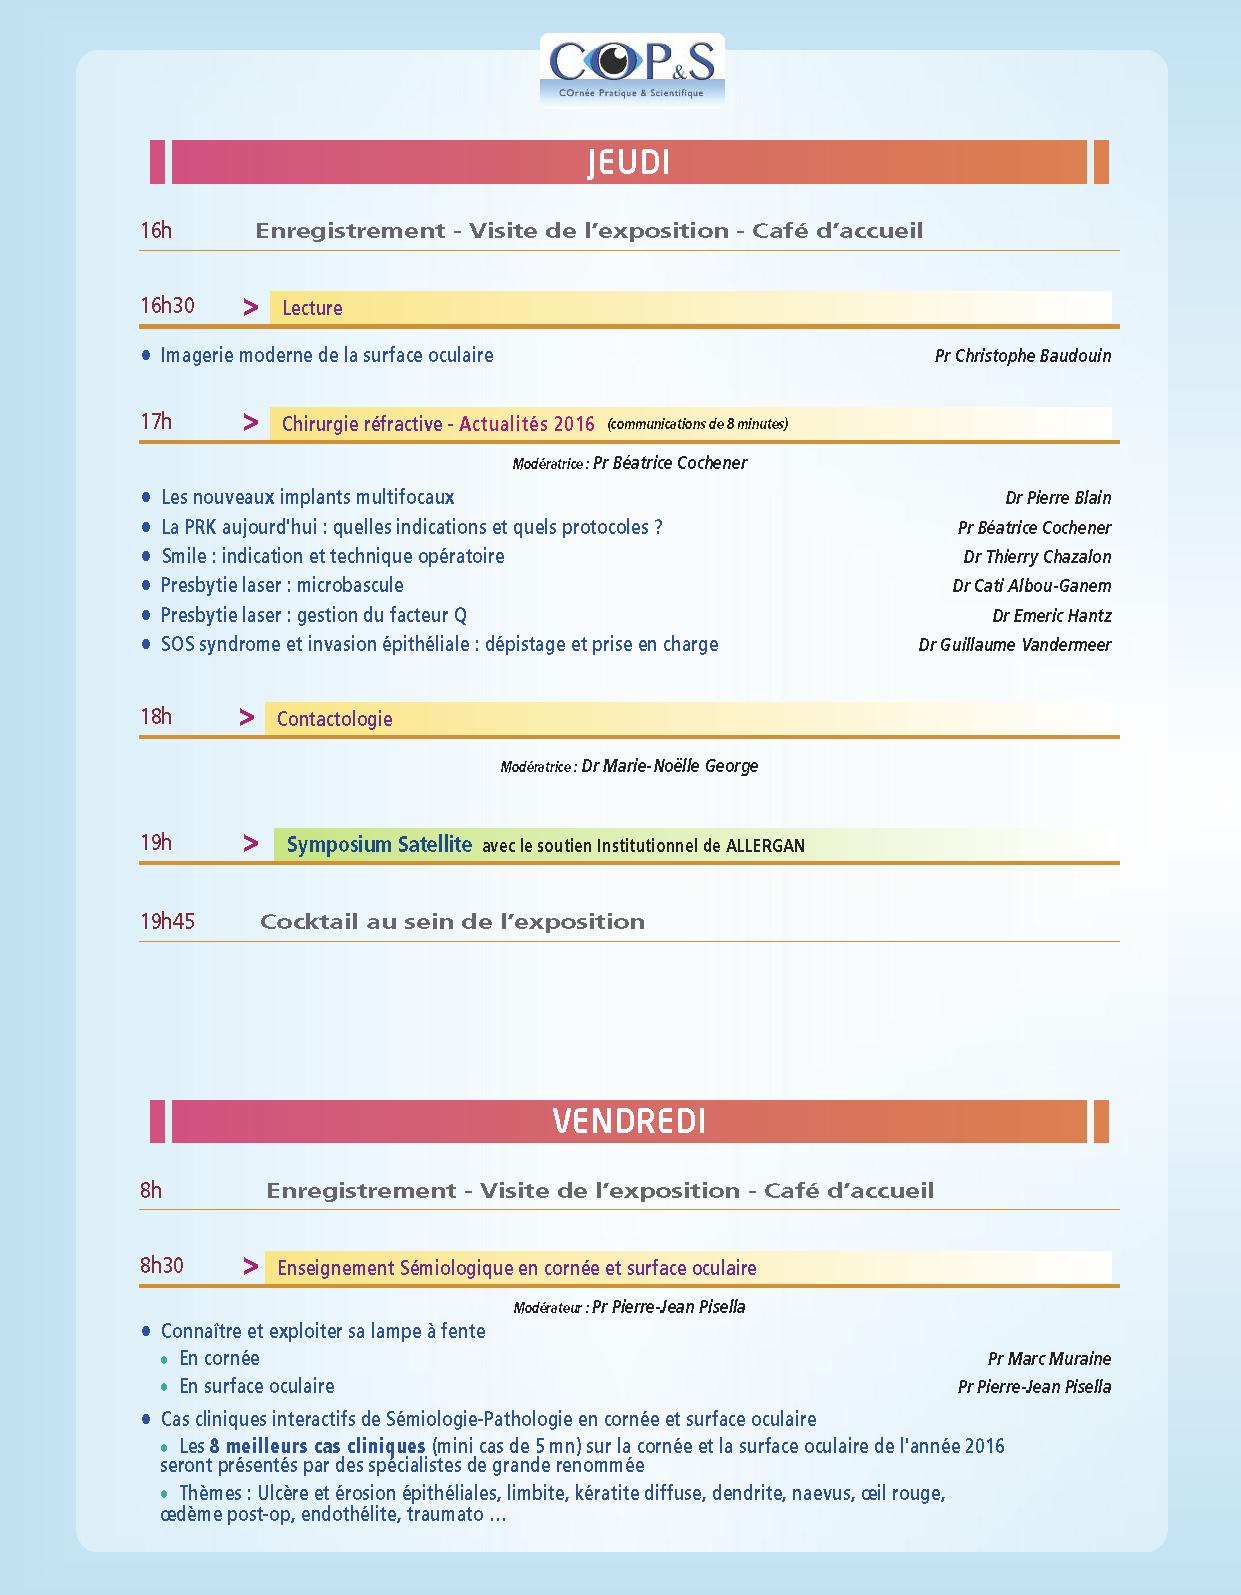 Programme COP'S 2015 part1